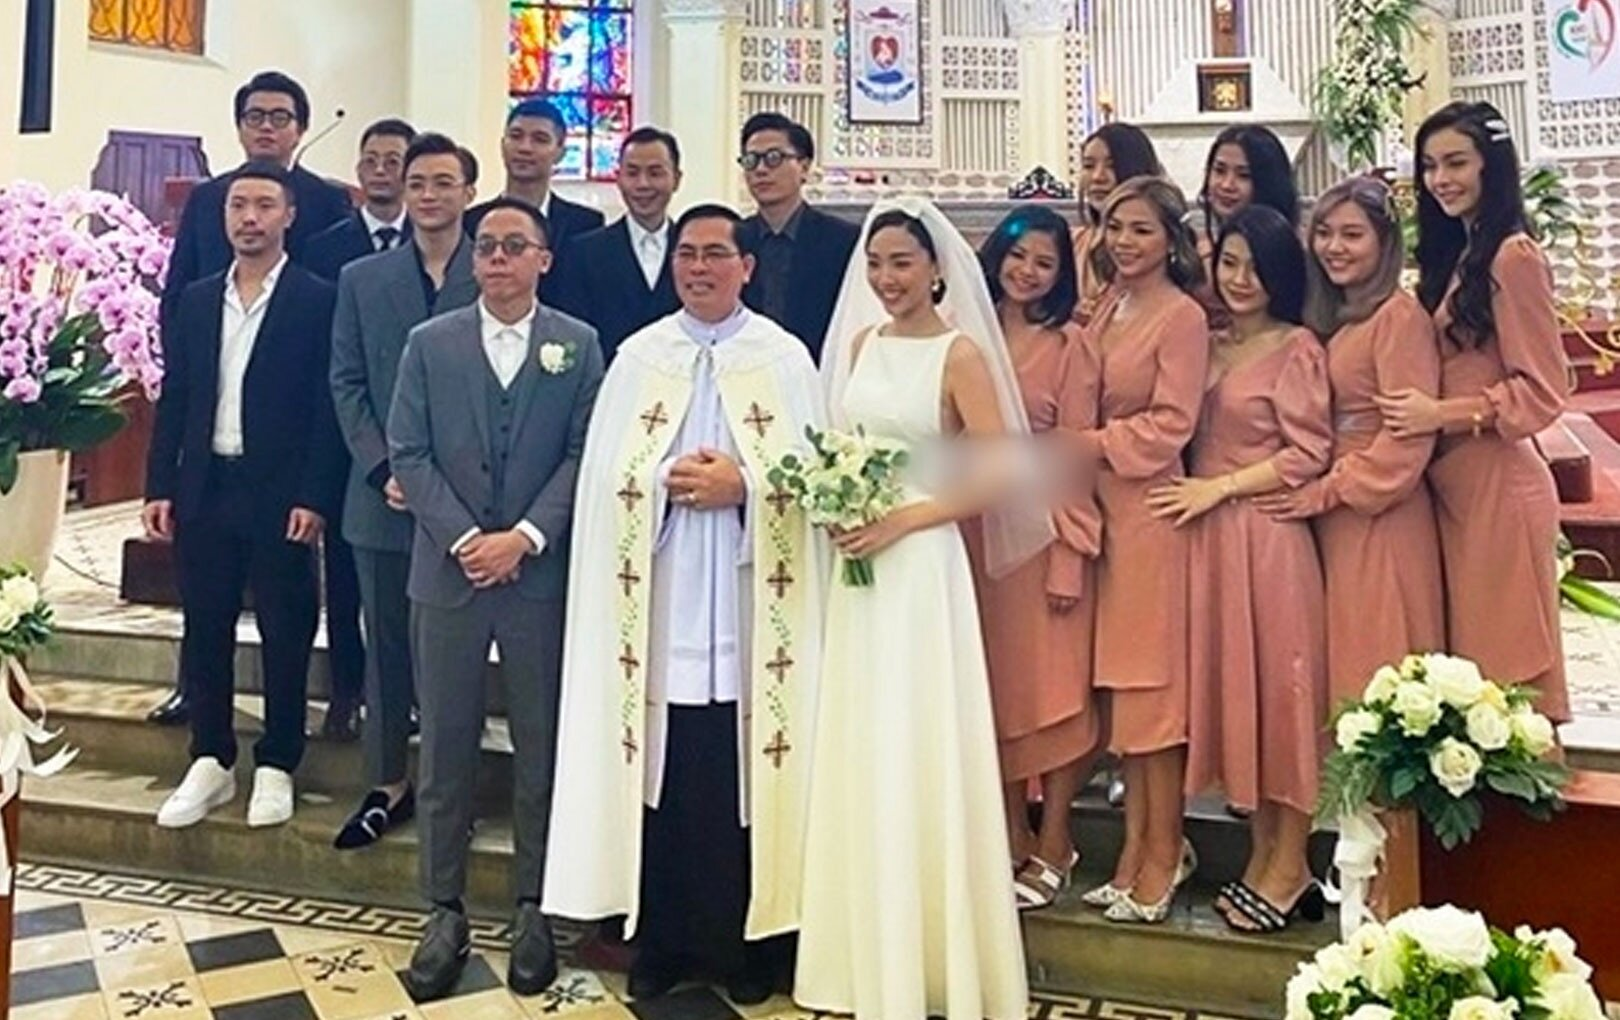 Vì sao mẹ ruột Tóc Tiên không về Việt Nam dự lễ cưới con gái? - 1